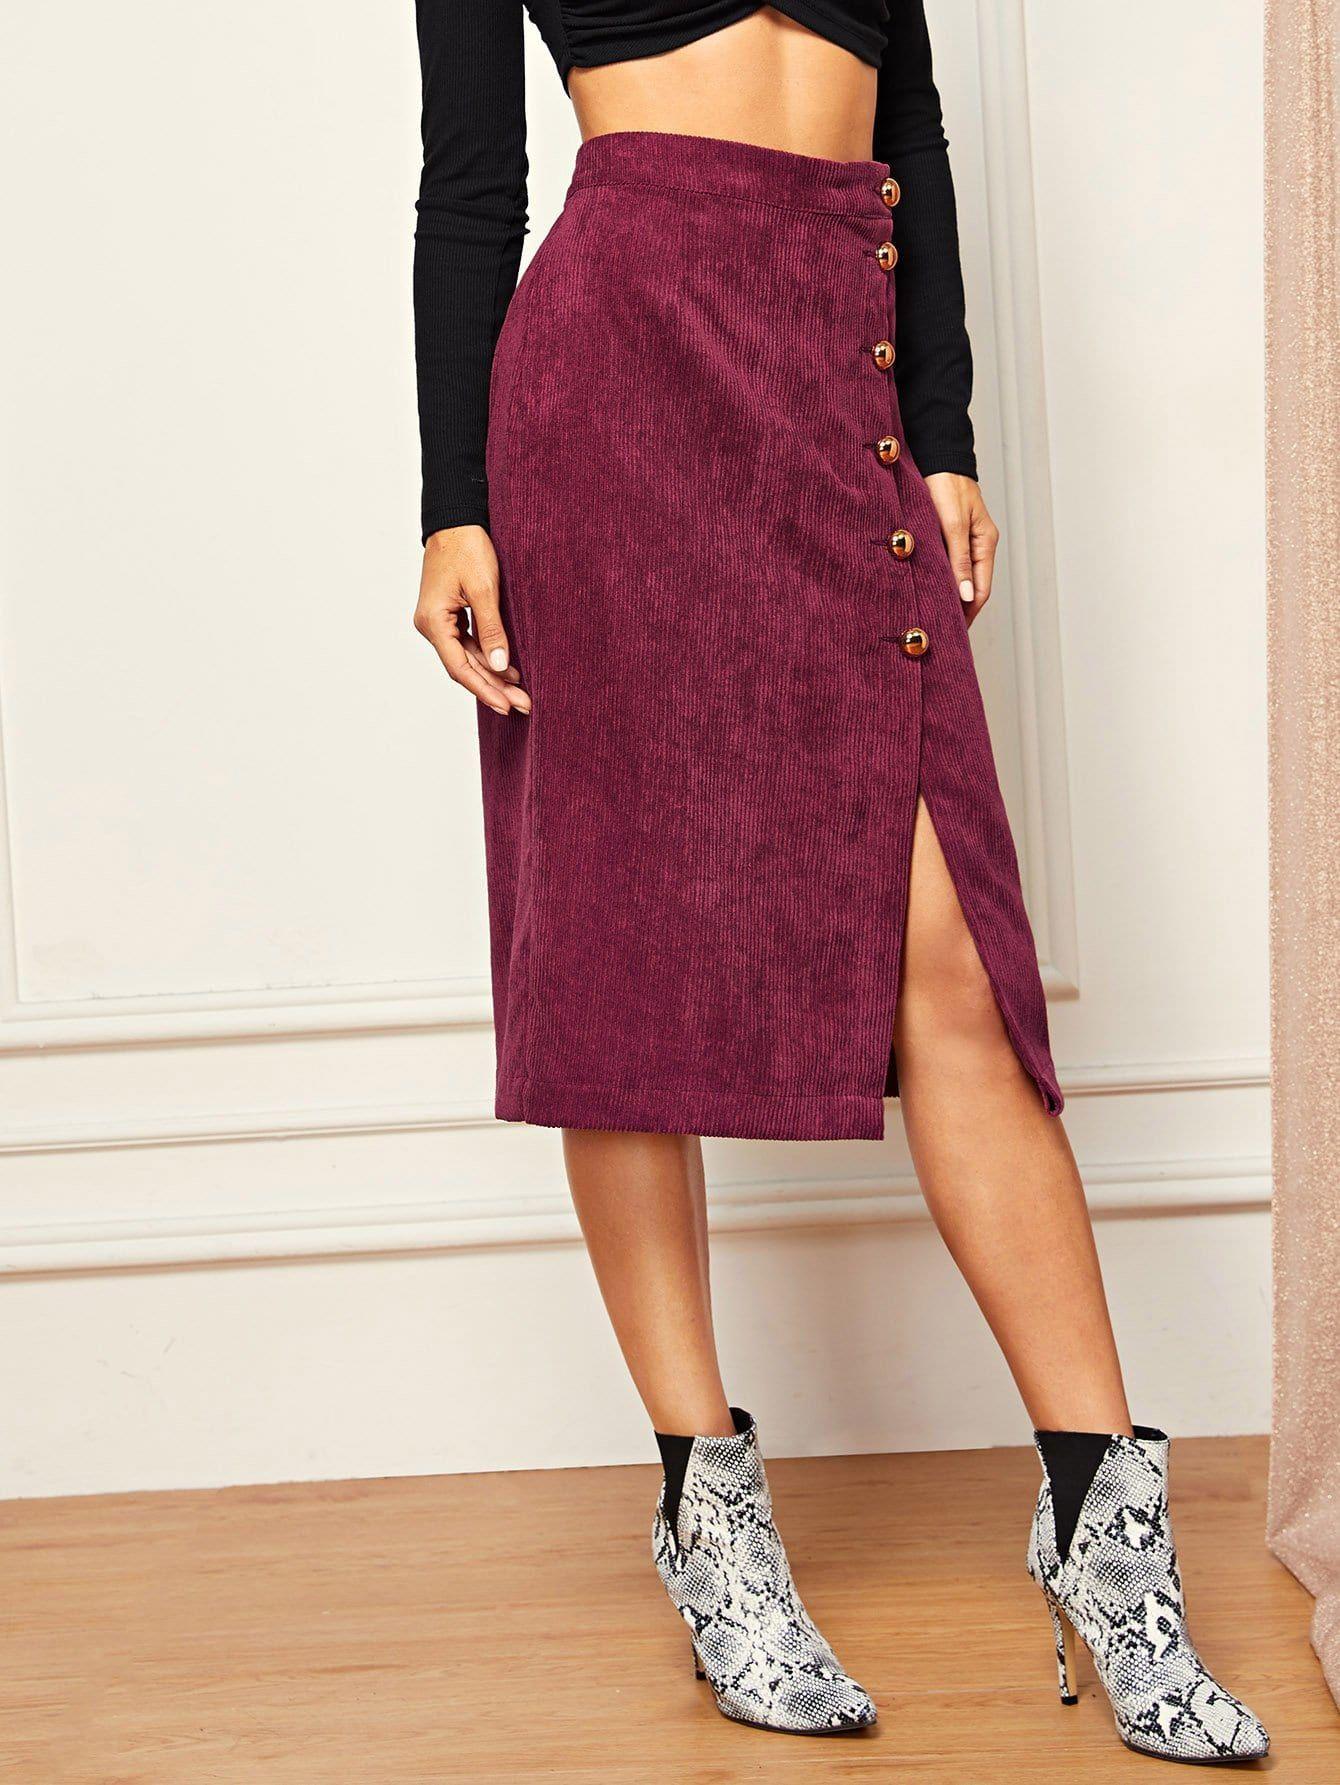 11560bbde250 Women Elegant Plain Mid Waist Burgundy Midi Length Gold Button Split  Corduroy Skirt